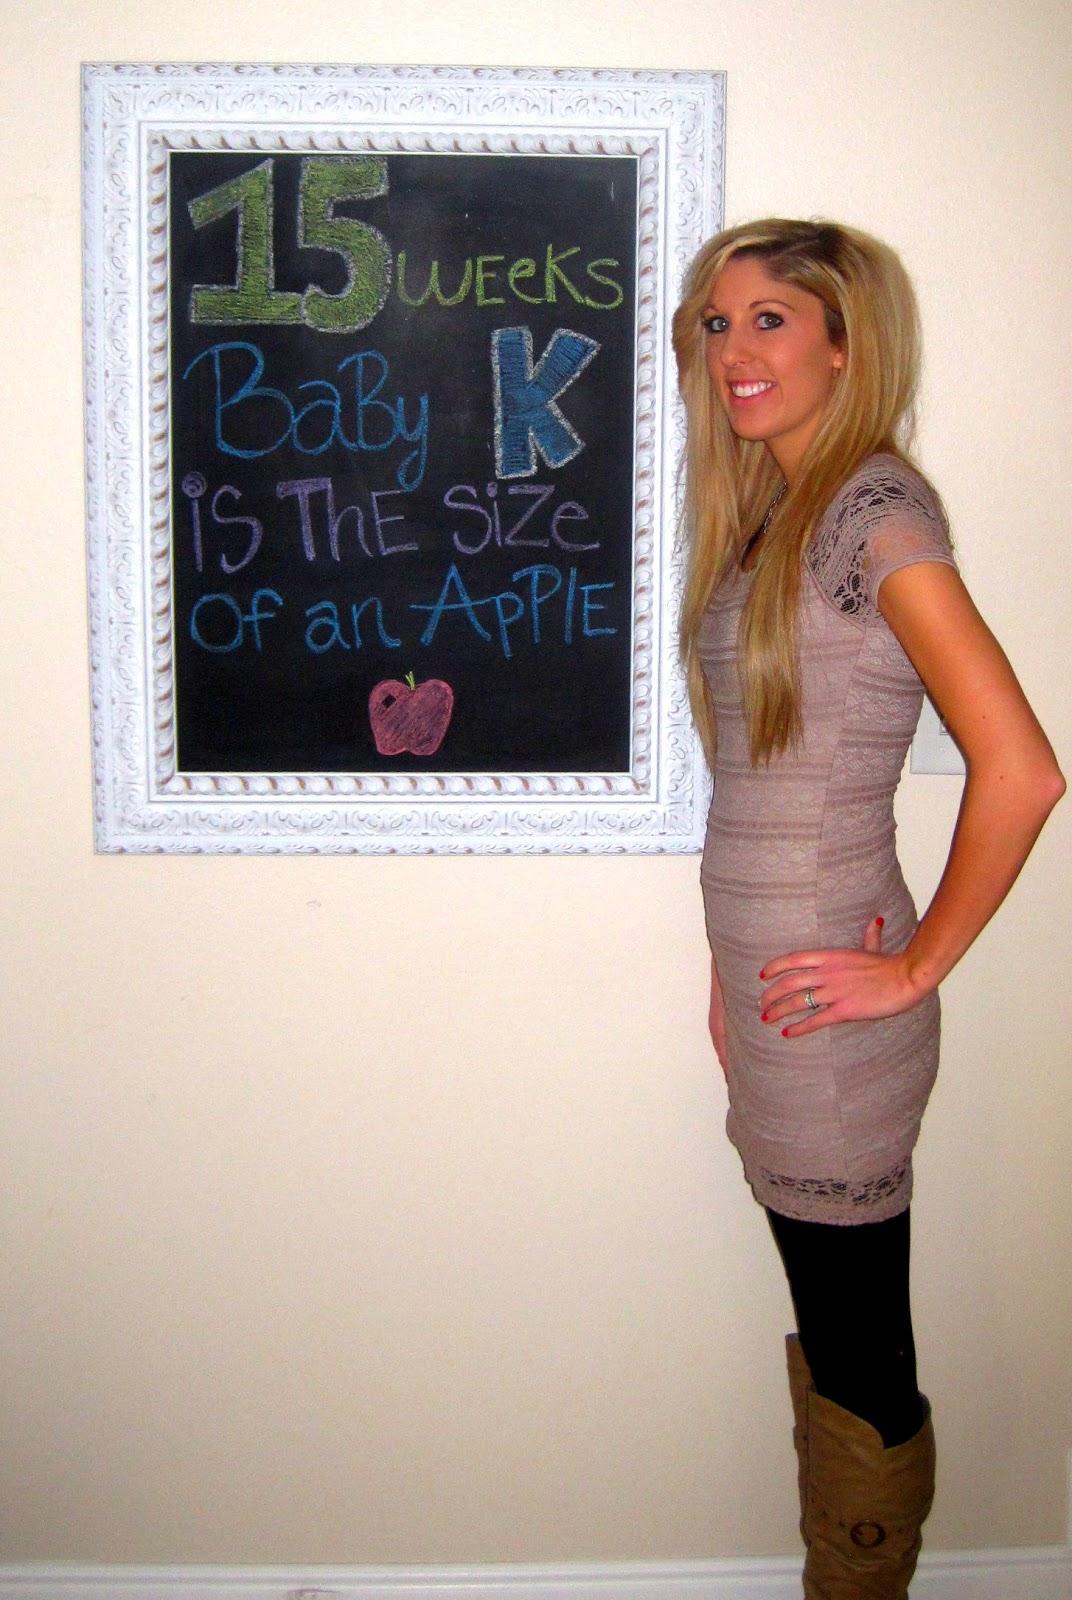 15 Weeks Pregnant!!